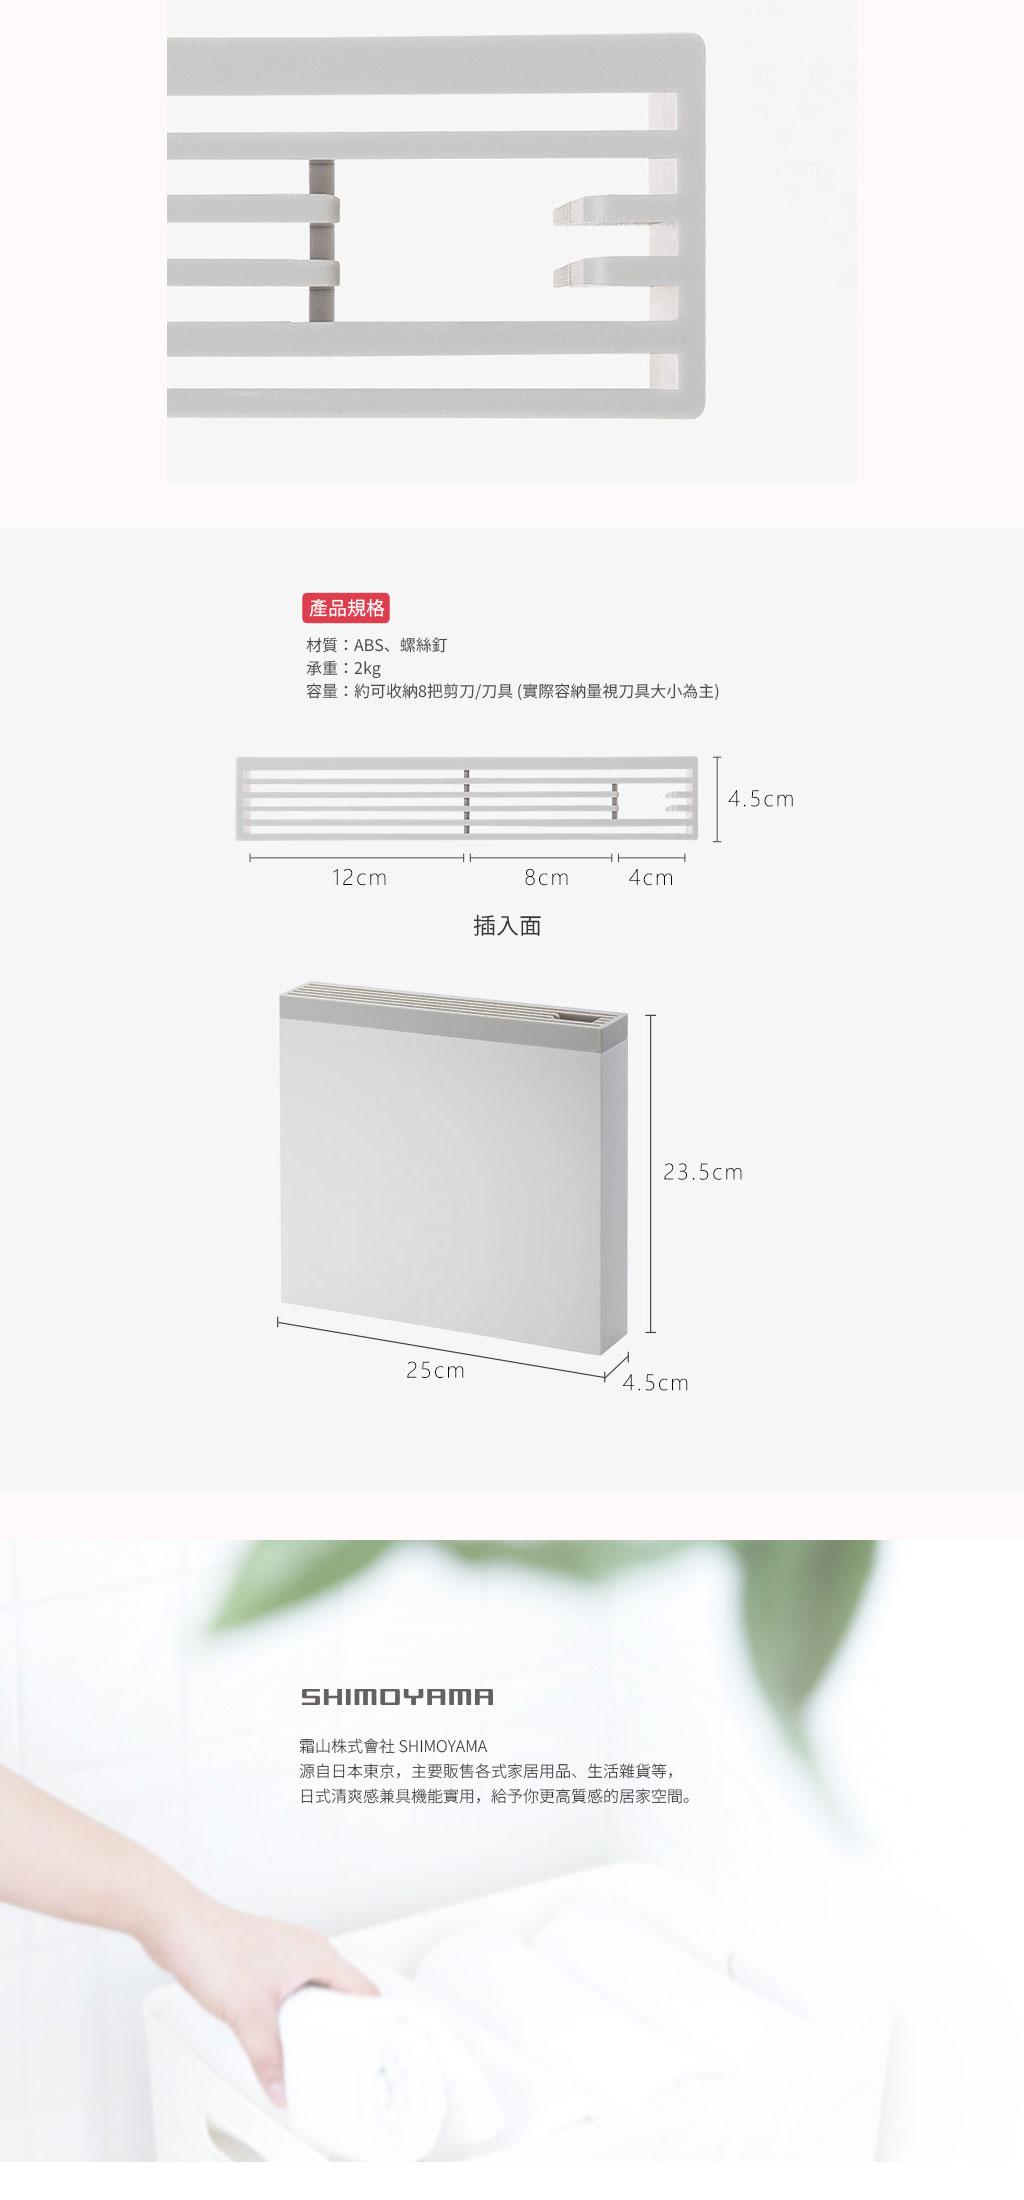 日本霜山 ABS門後懸掛式料理剪刀 / 刀具收納架